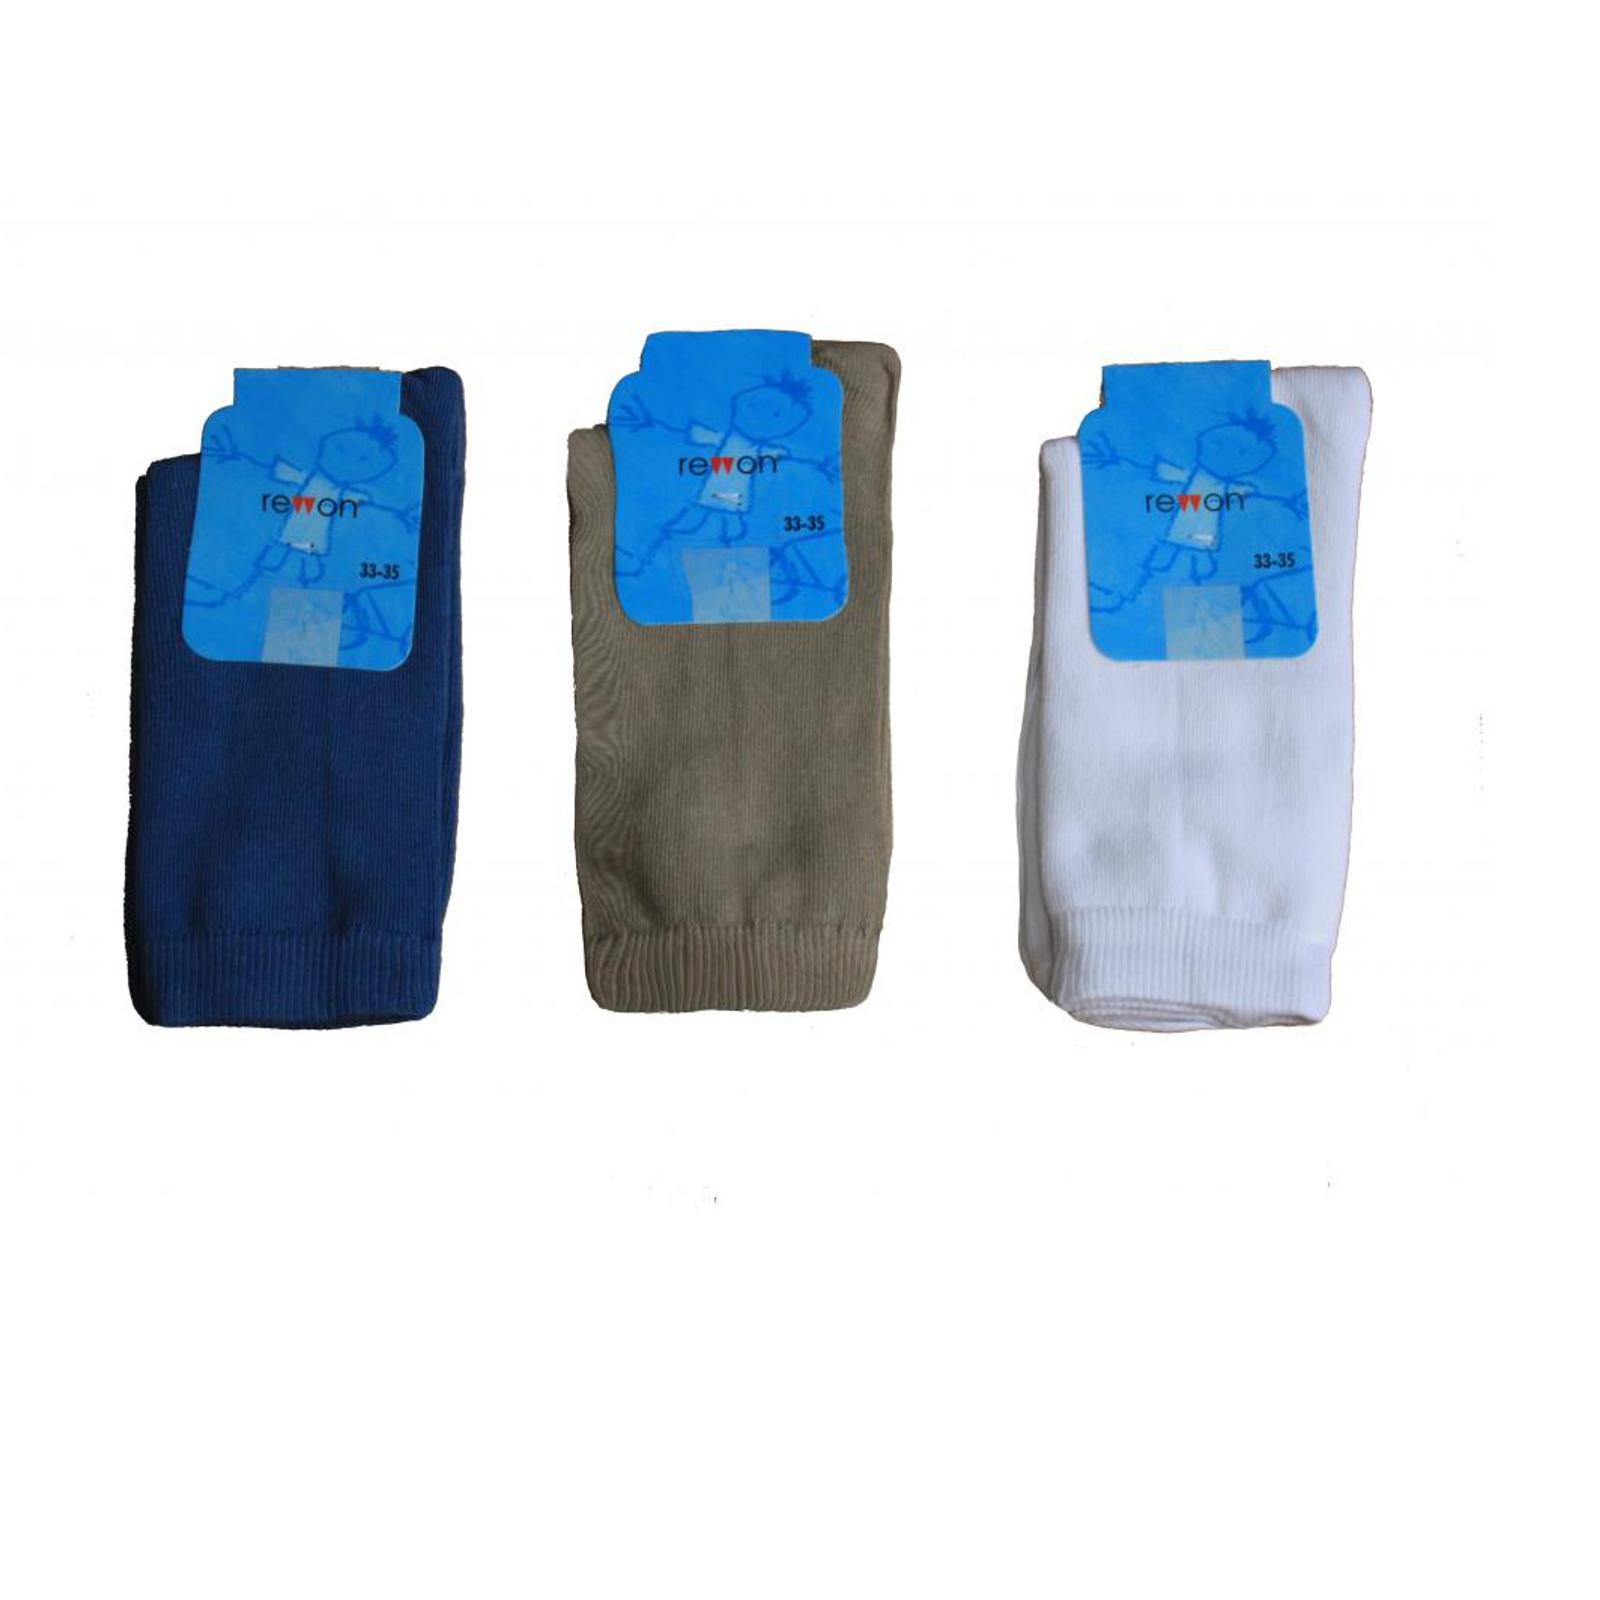 Носки Rewon гладкие размер 15-16 см